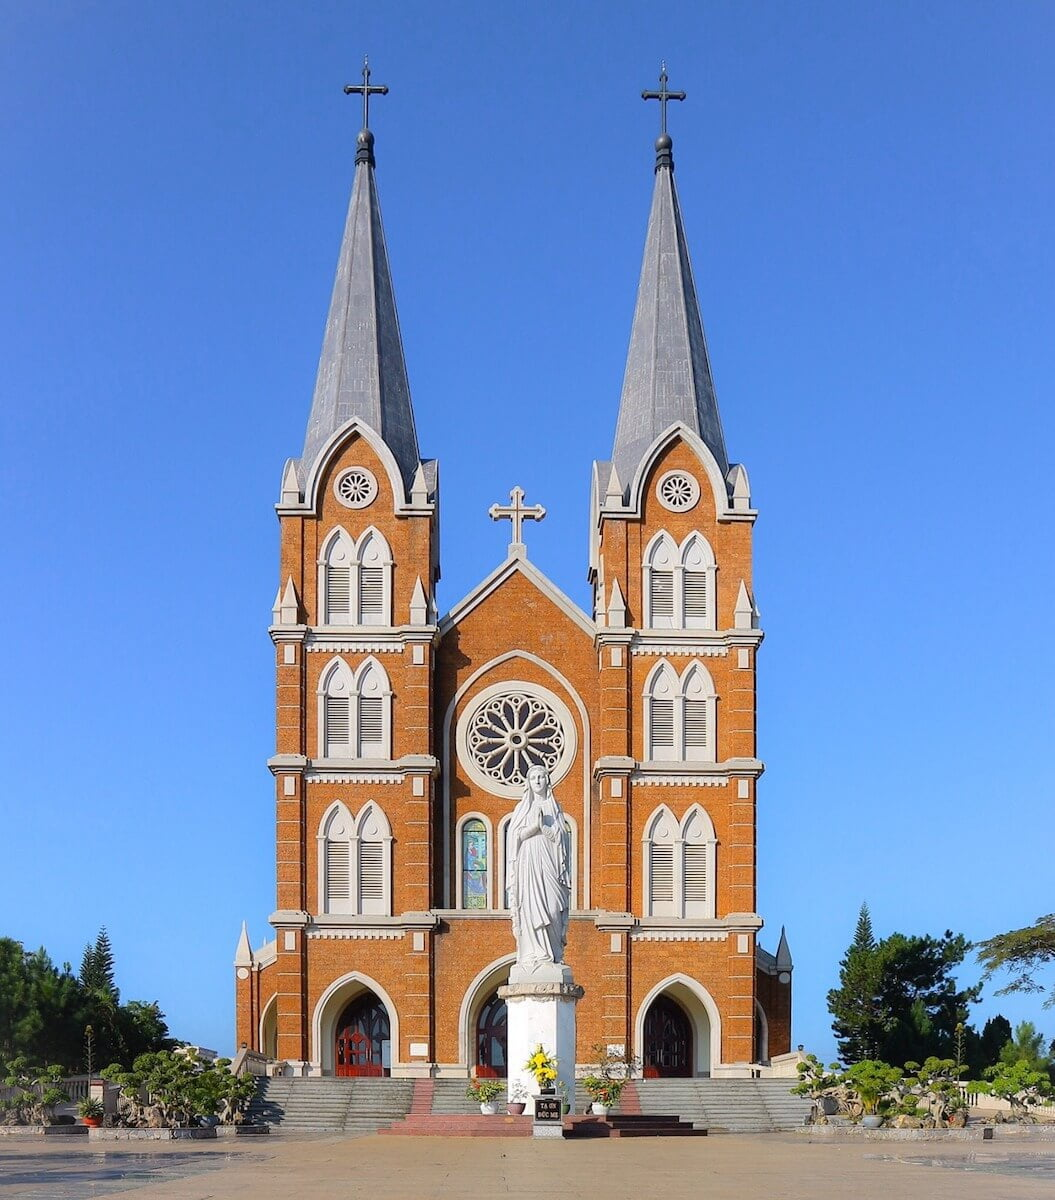 Thanh Mau church Bao Loc Vietnam.